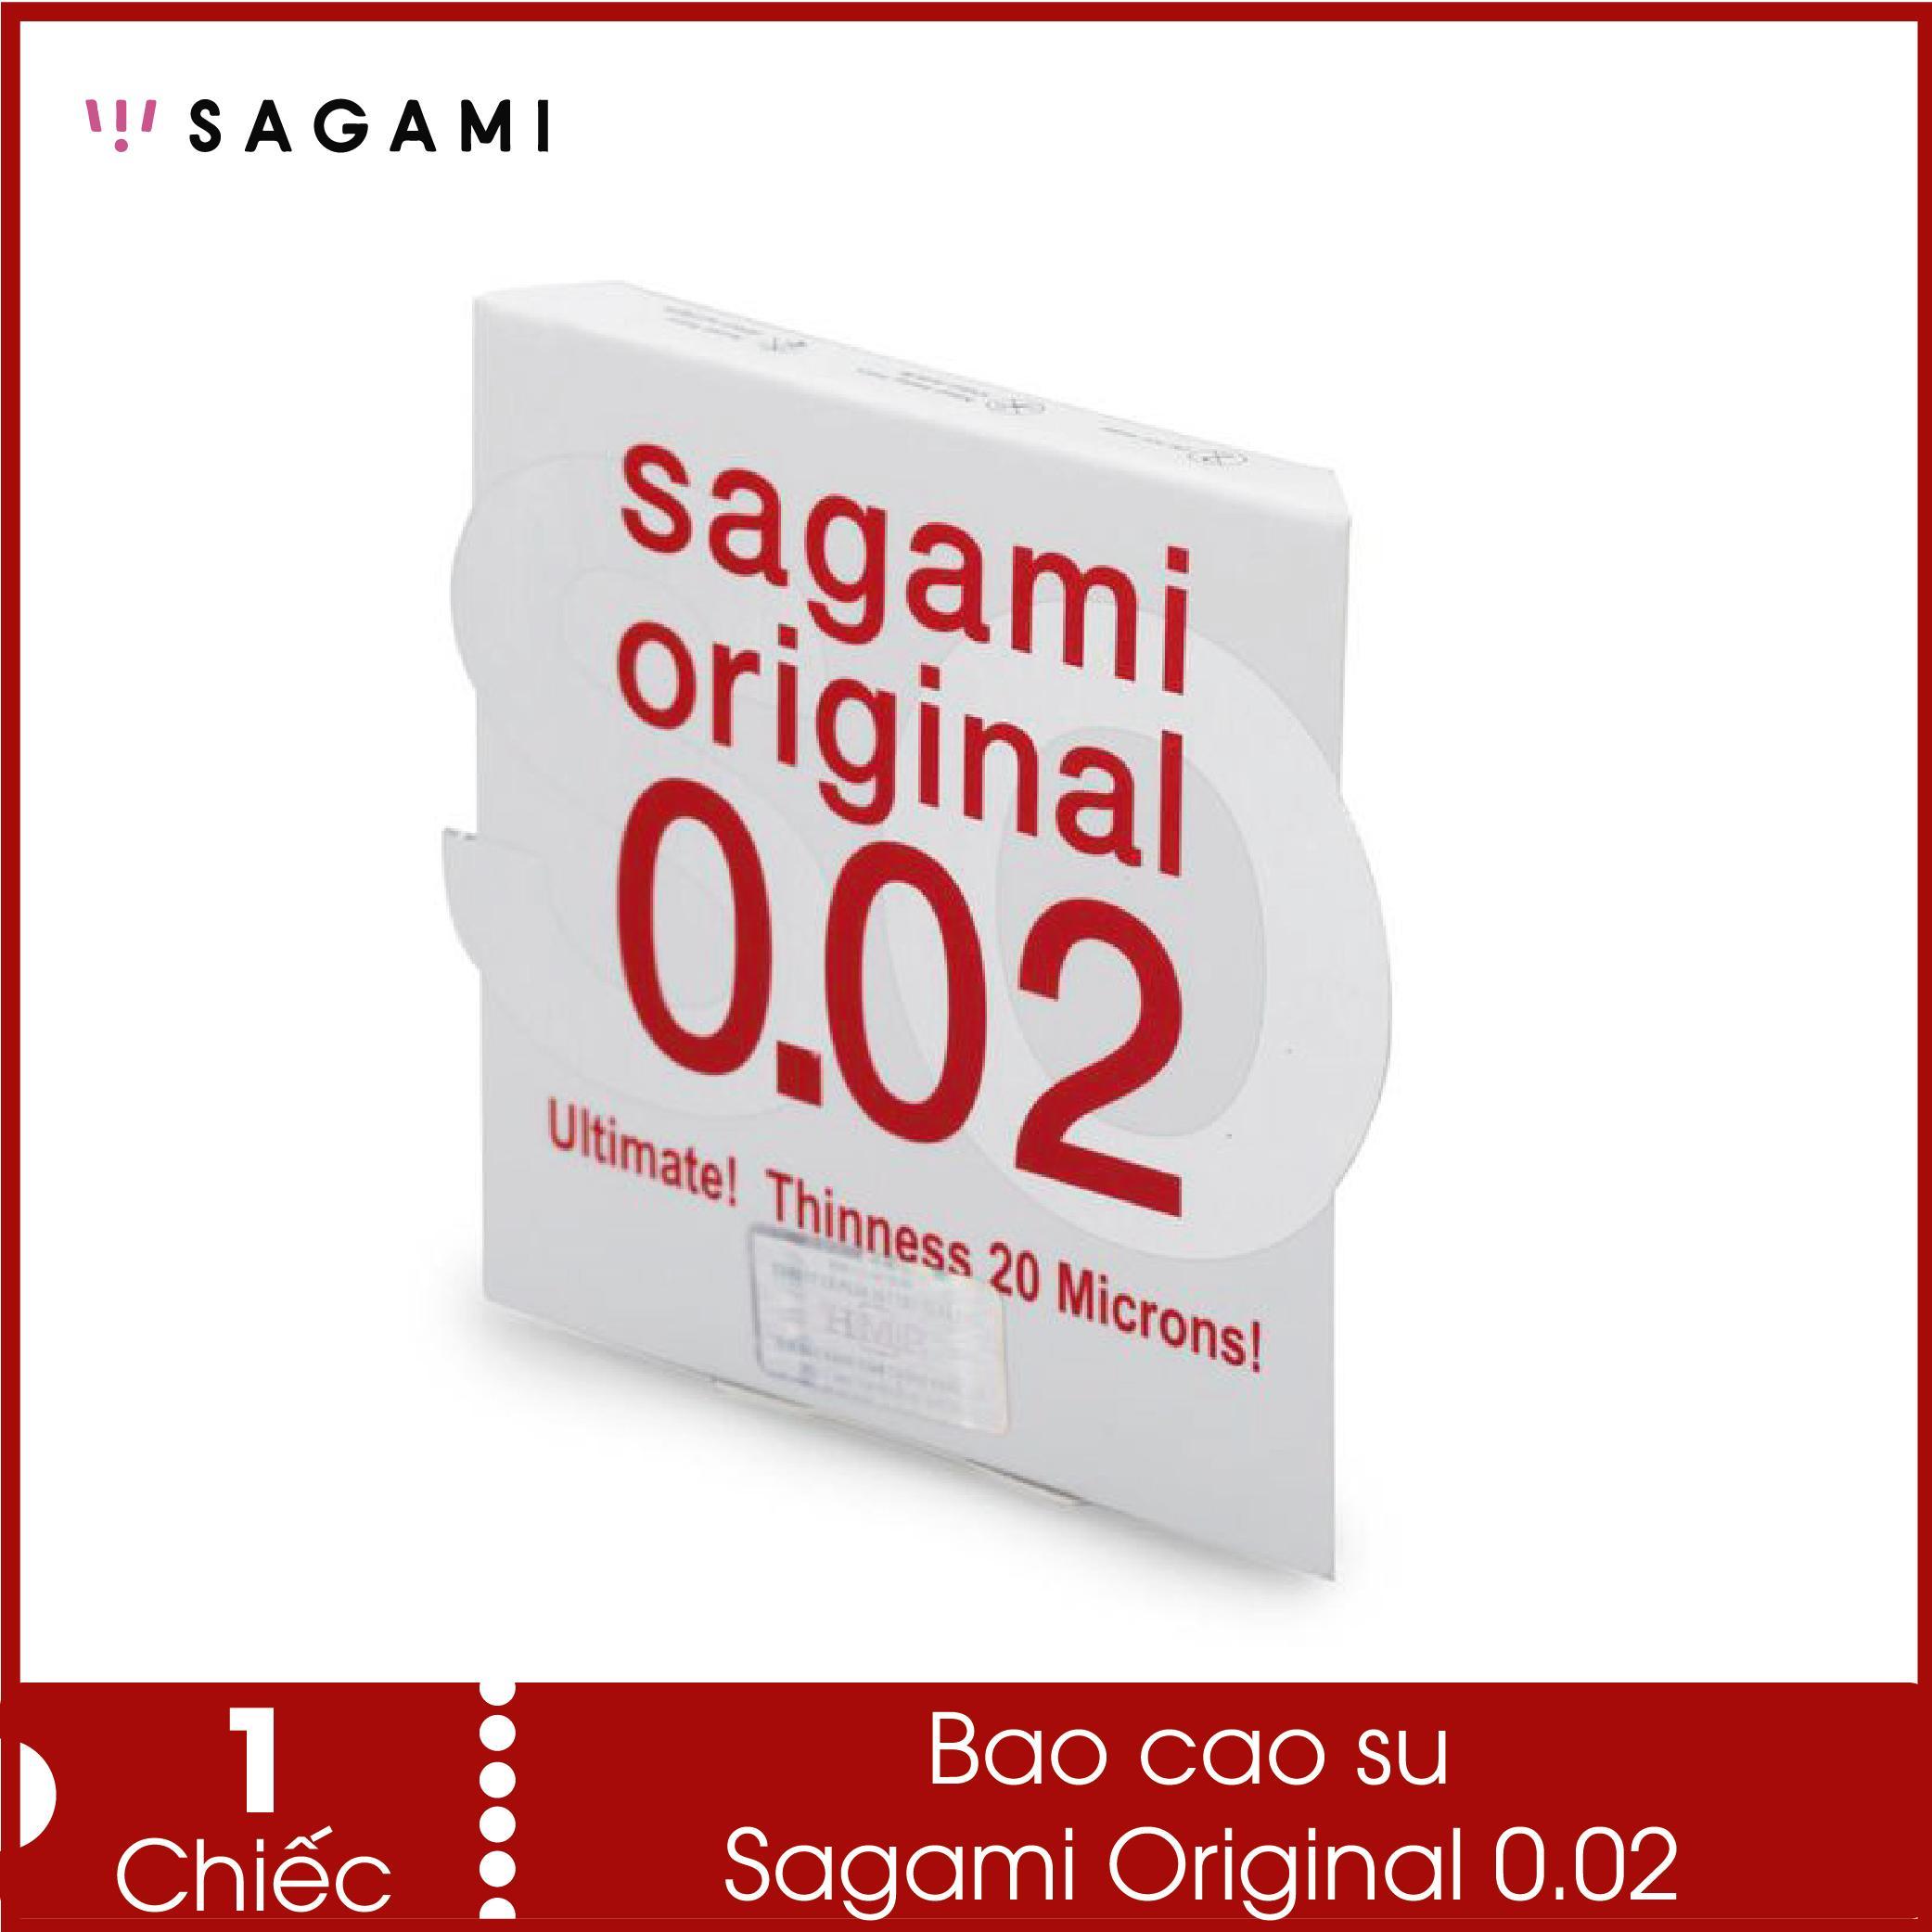 Bao cao su không bị rách Sagami 0.02 - hàng mỏng chịu lực cao, dùng như không dùng